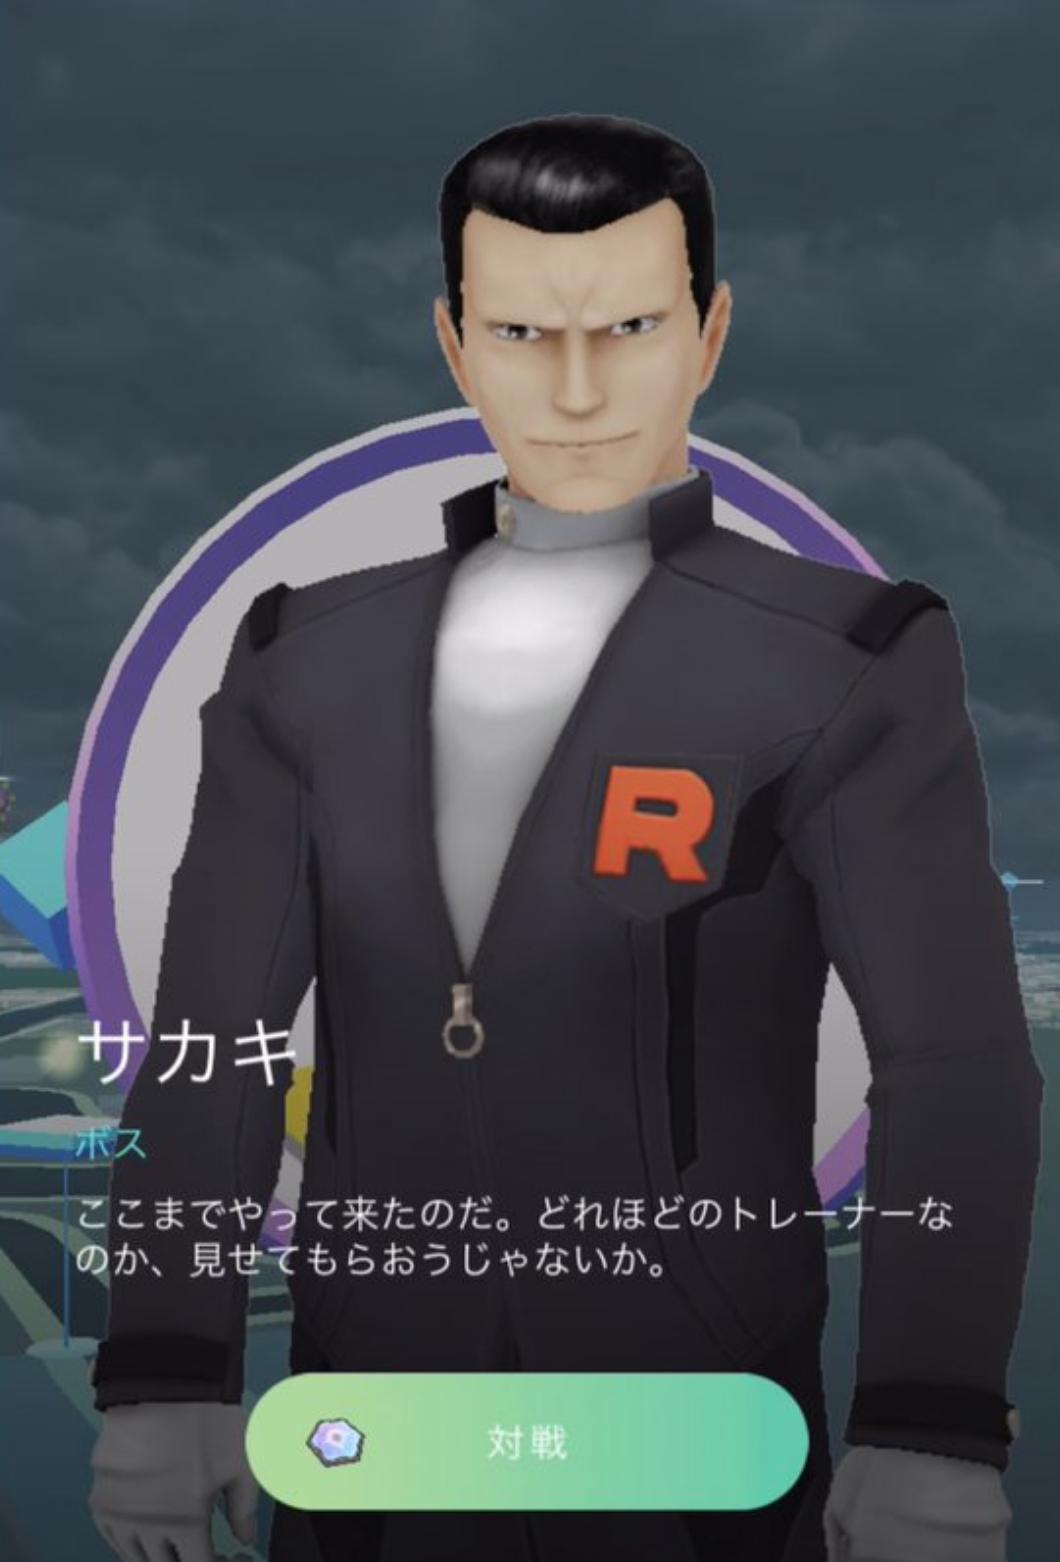 団 ボス ポケモン go 対策 ロケット